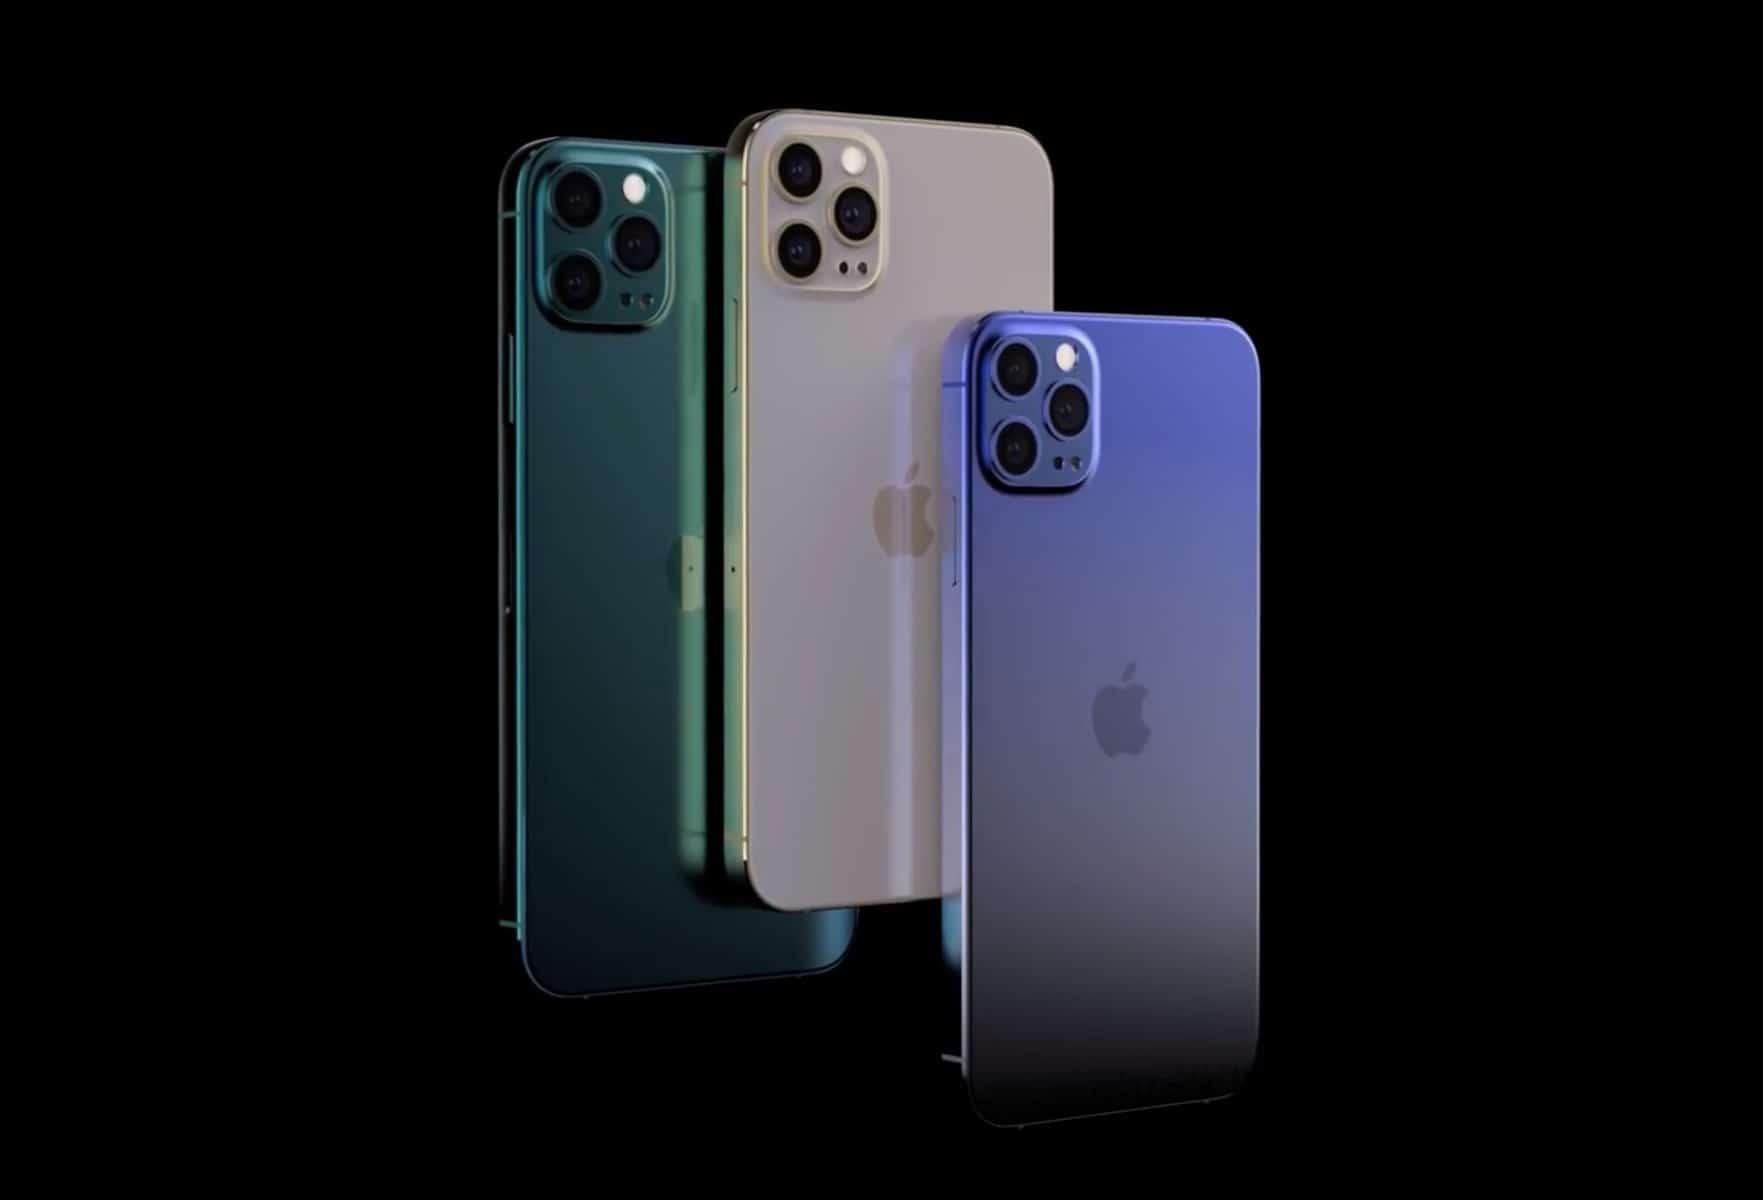 Bạn thích cái gì hơn Smartphone hay pin tốt? 1